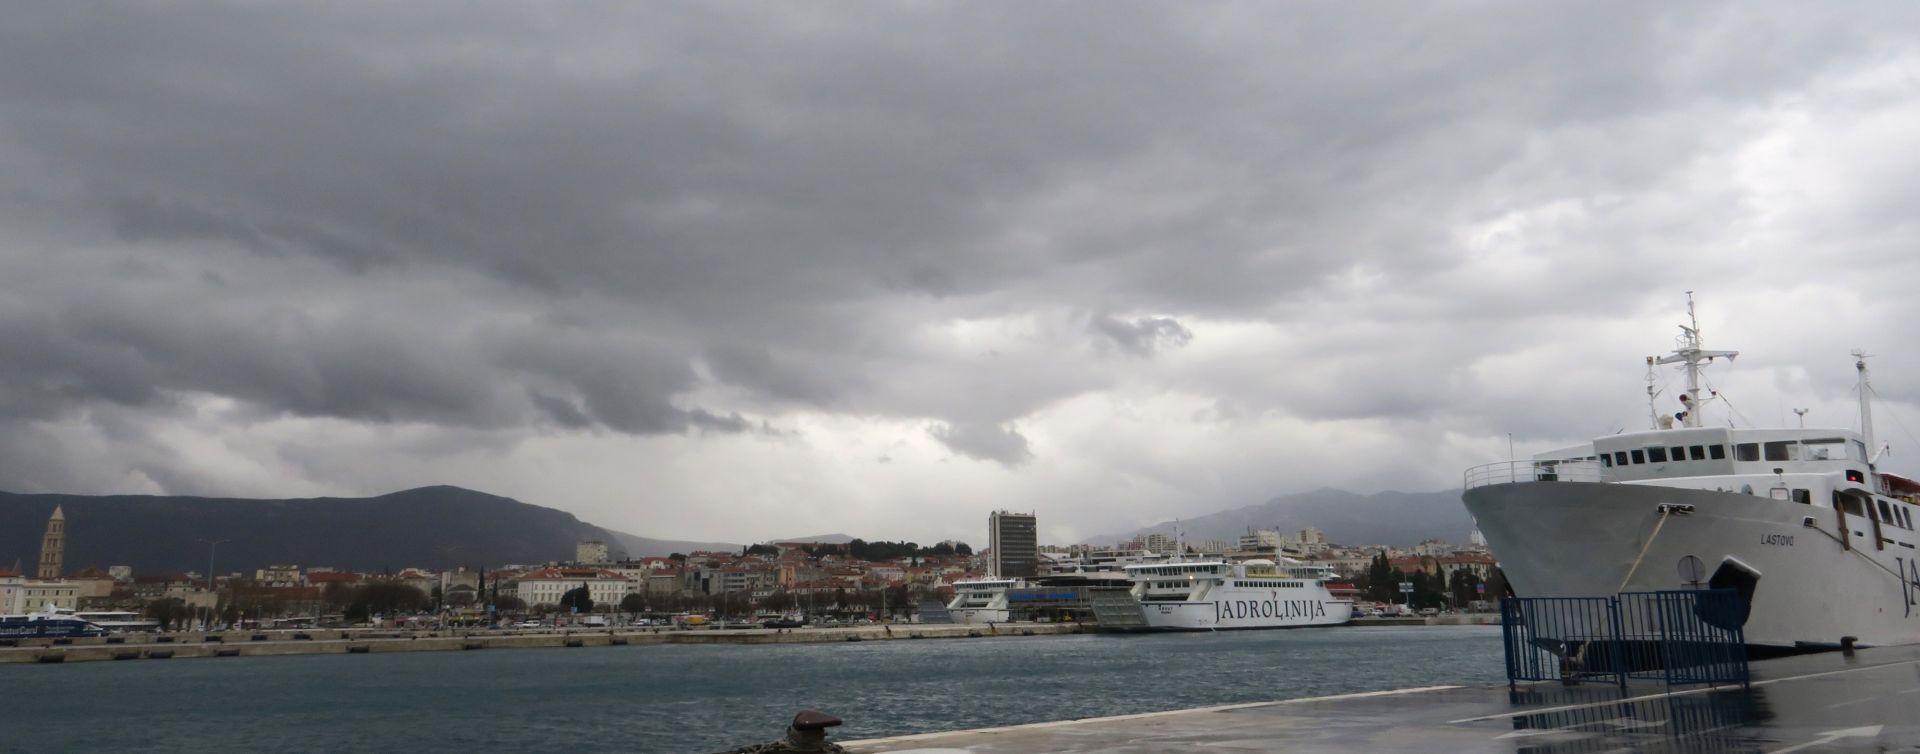 Promjenjivo oblačno vrijeme bez znatnih oborina